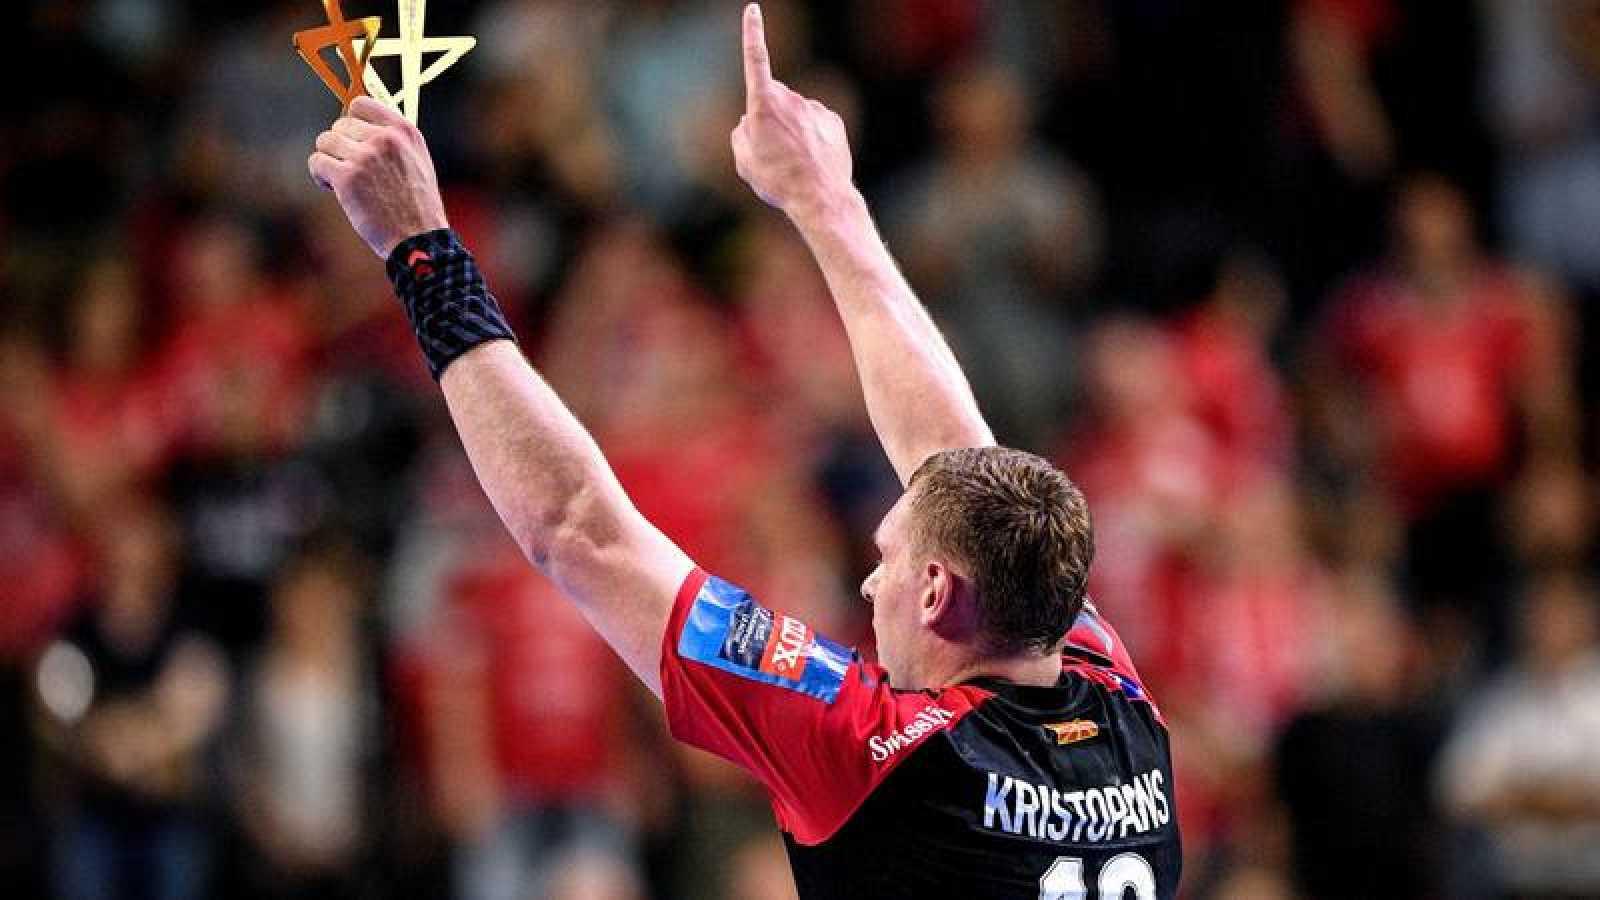 El mejor del partido, Dainis Kristopanis, celebra la victoria de su equipo